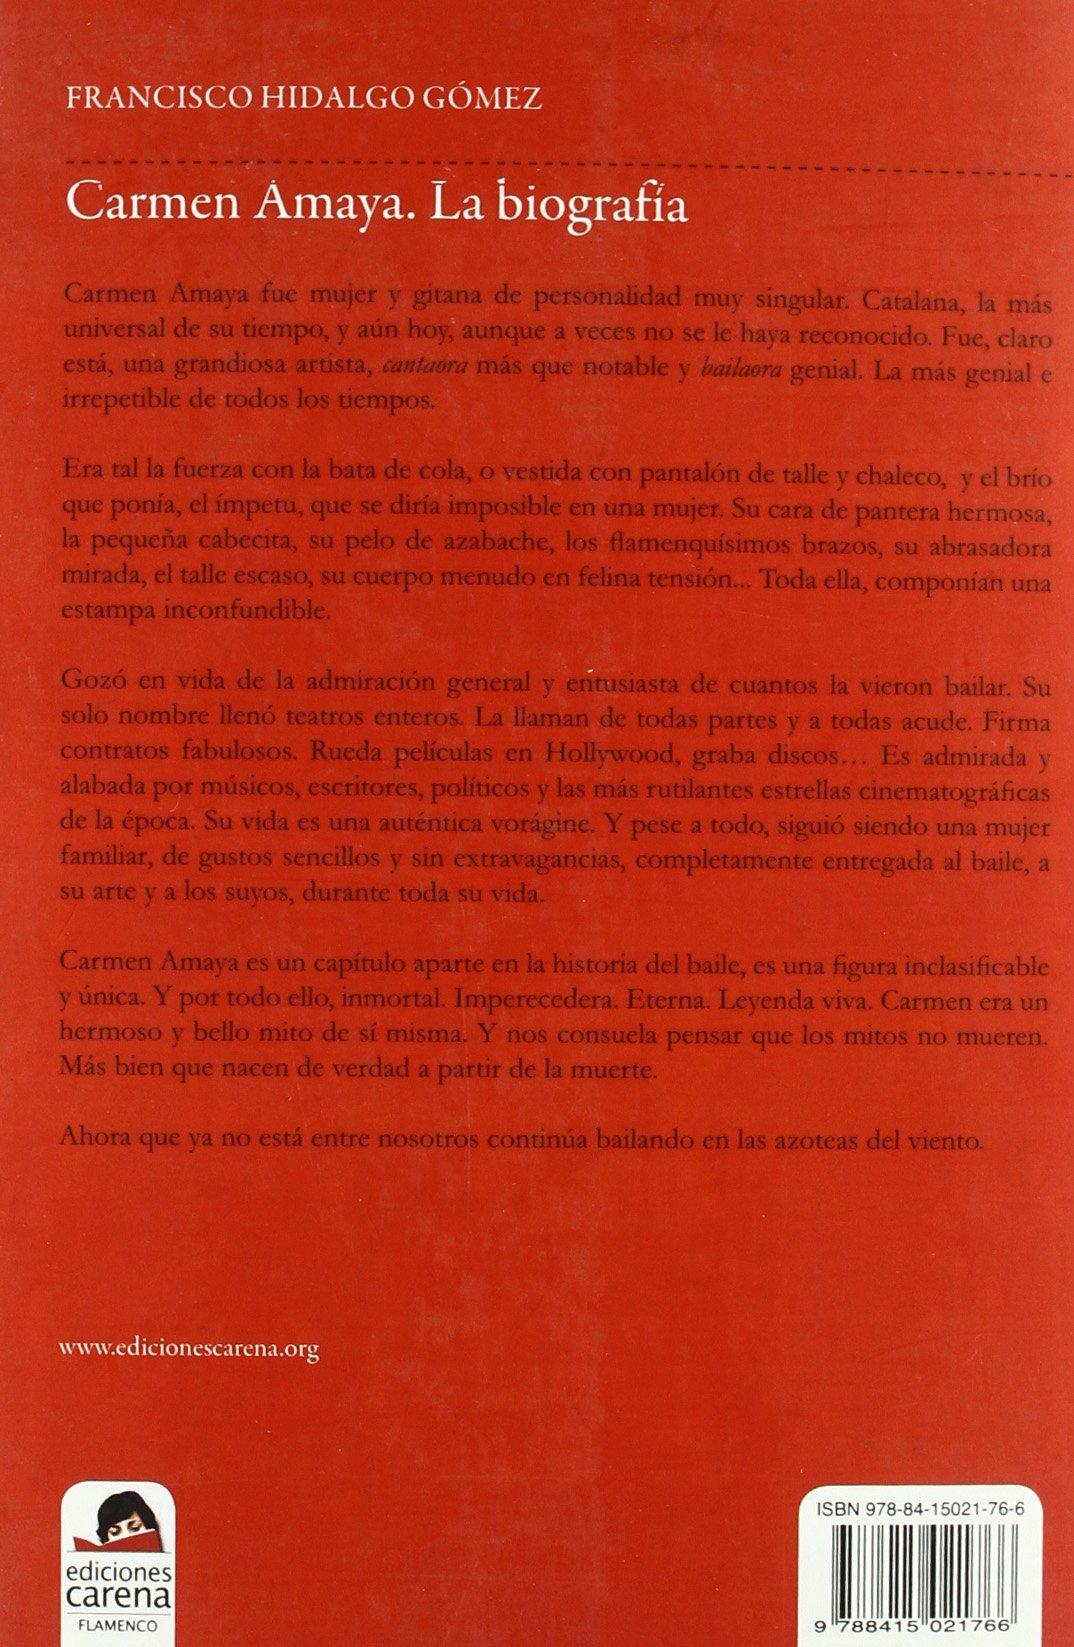 Carmen Amaya: La biografía (Flamenco): Amazon.es: Francisco ...